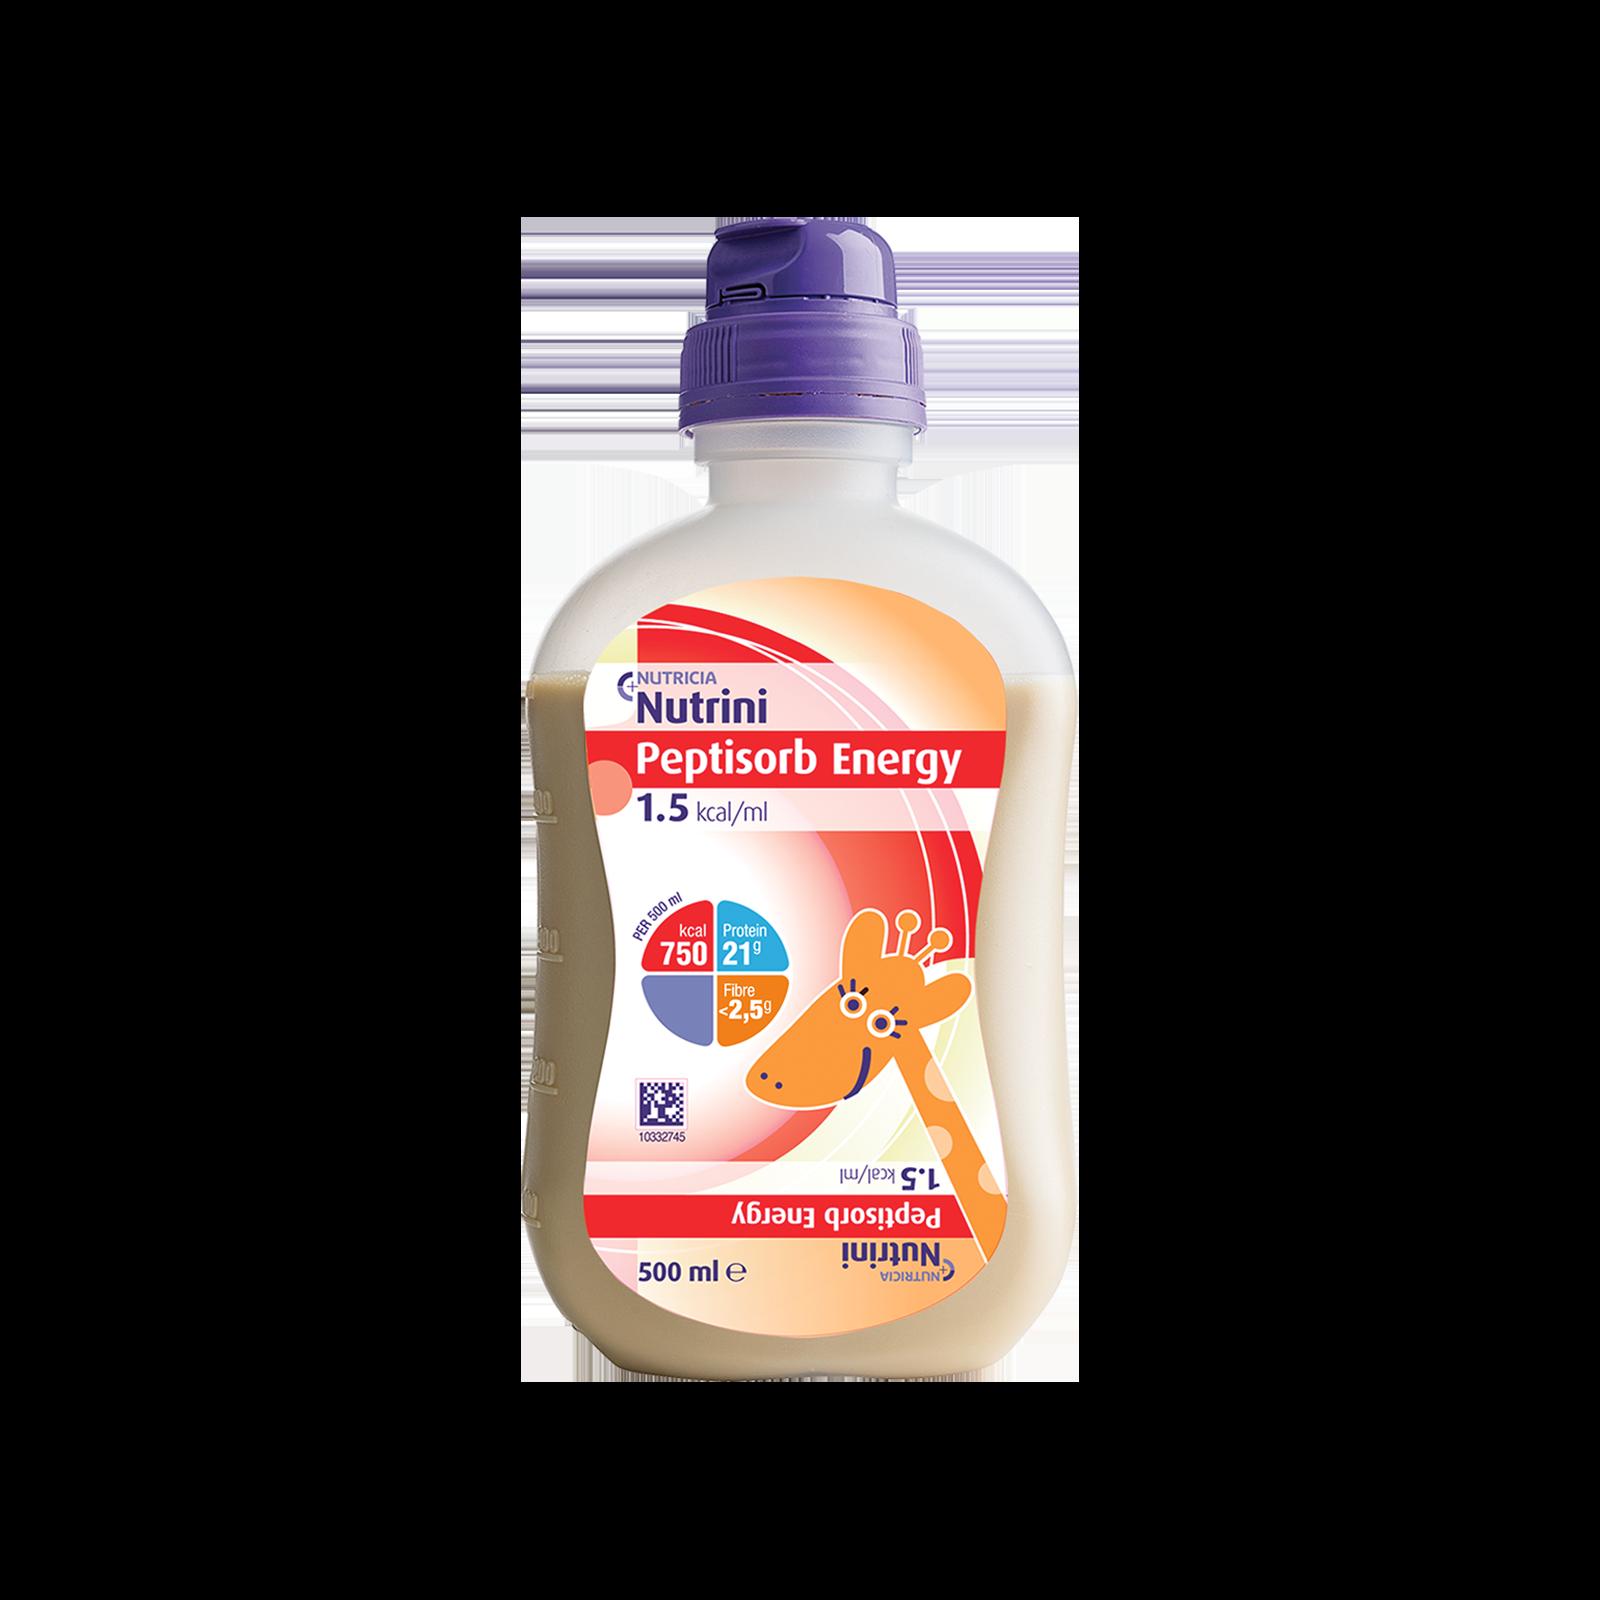 Nutrini Peptisorb Energy Pack da 500 ml | Nutricia